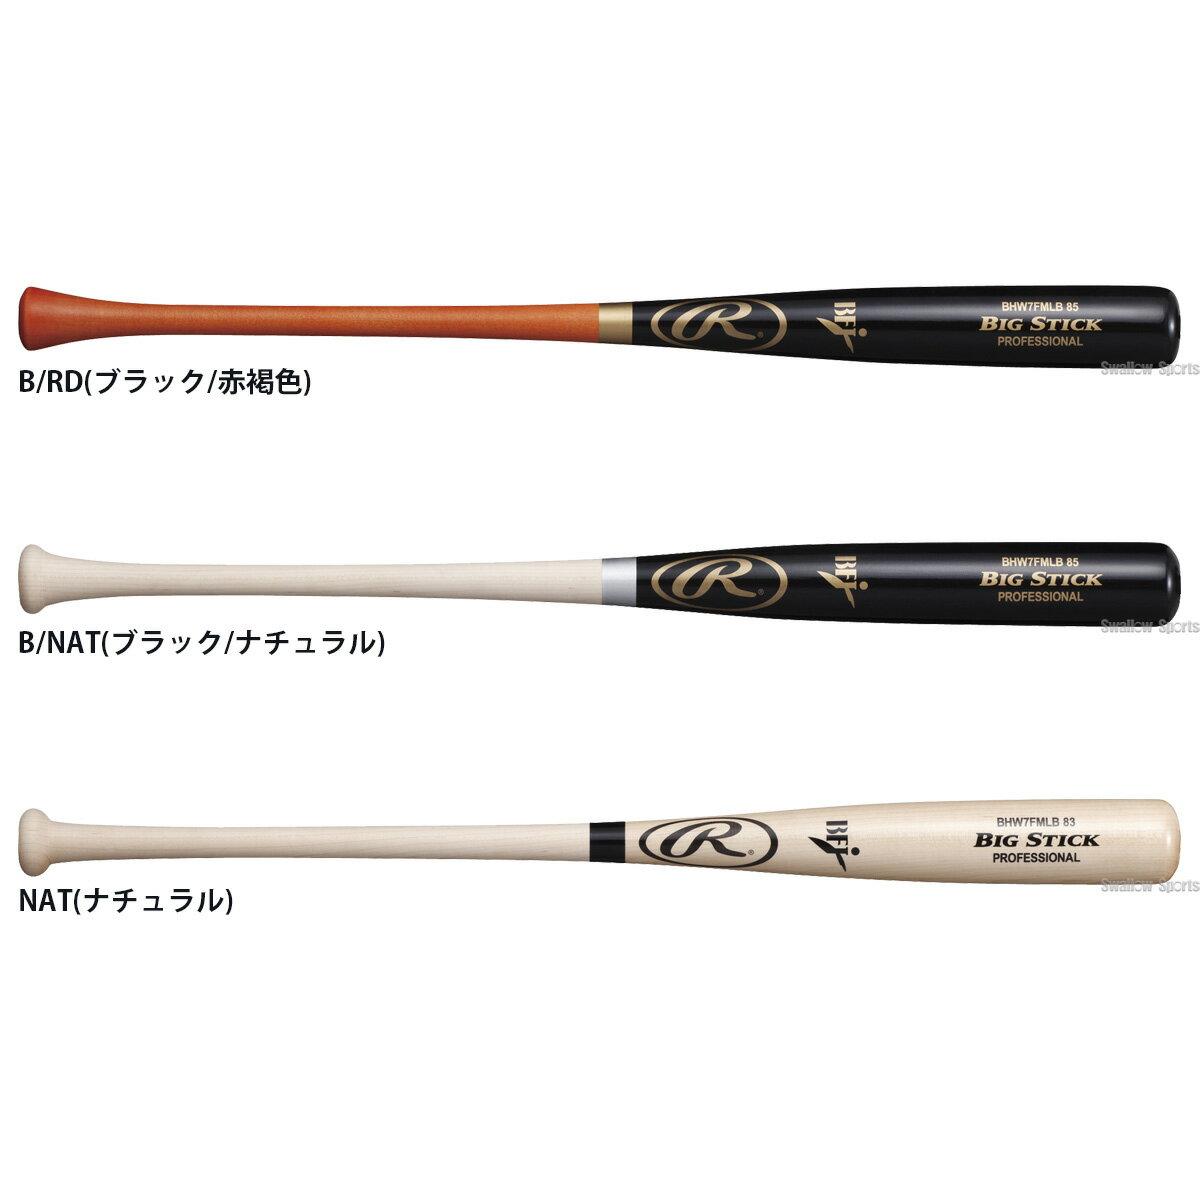 【あす楽対応】 ローリングス 硬式 バット BFJ Big Stick メイプル JAPAN 木製 BHW7FMLB 硬式用 木製バット BFJ 夏季大会 合宿 野球部 野球用品 スワロースポーツ